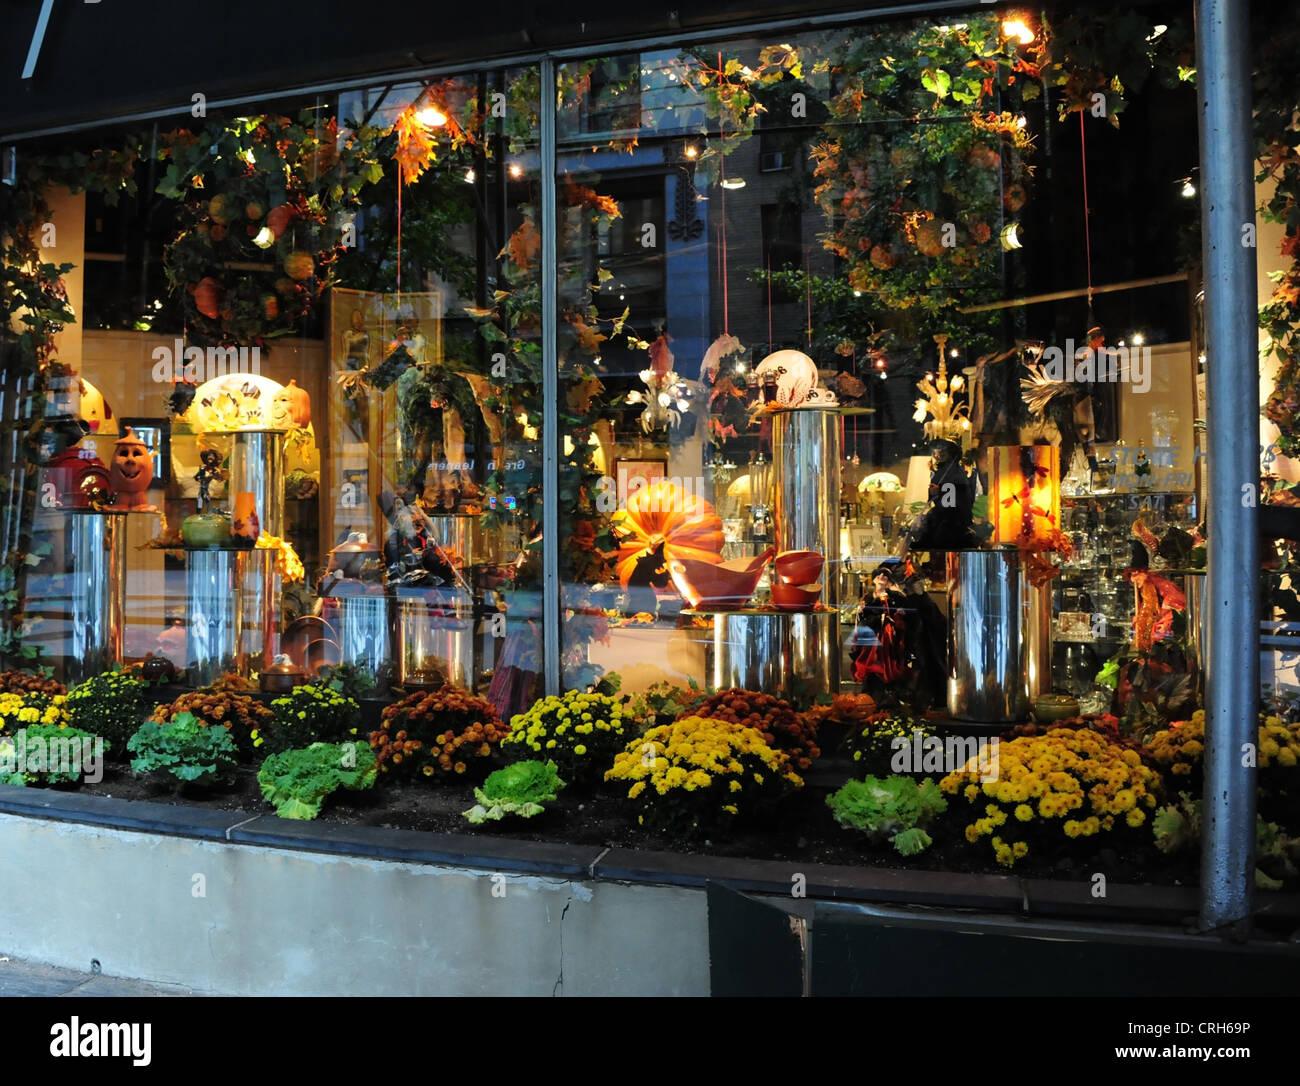 Halloween Shop Displays.Electric Lights Decorative Halloween Pumpkins Glassware Chinaware